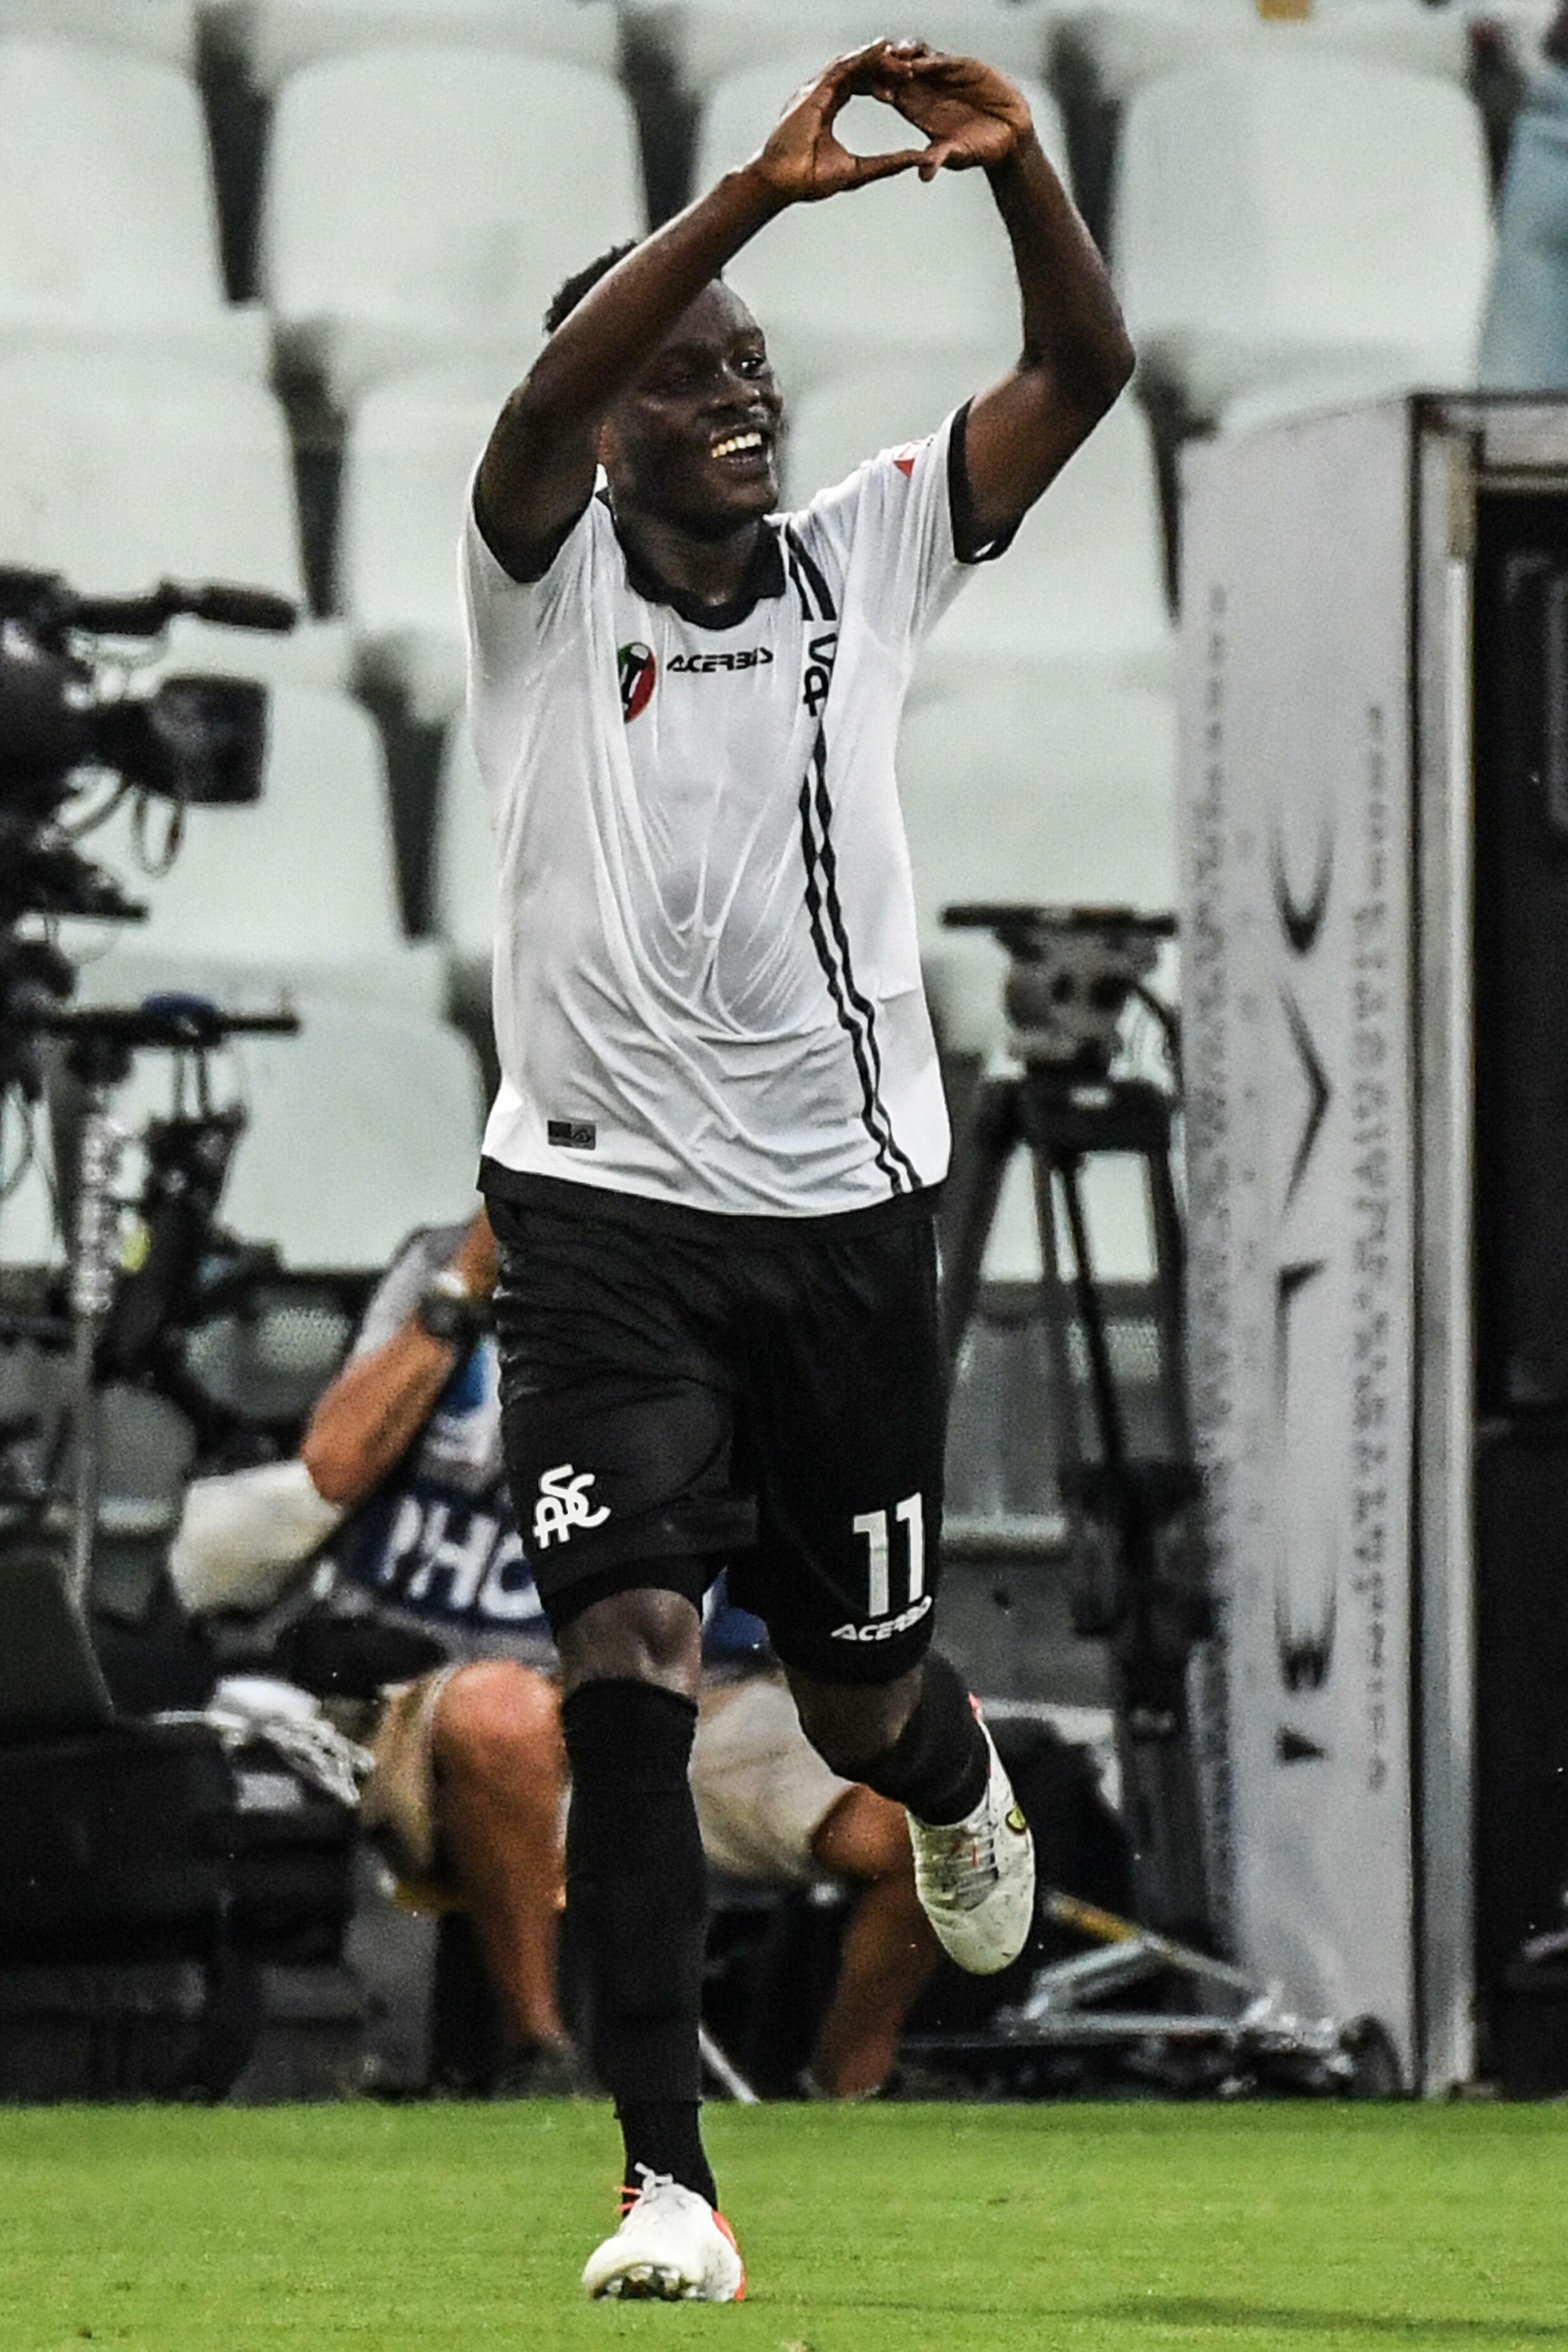 L'attaccante ghanese della Spezia Emmanuel Gyasi marcatore contro la Juventus, 22 settembre 2021 a La Spezia